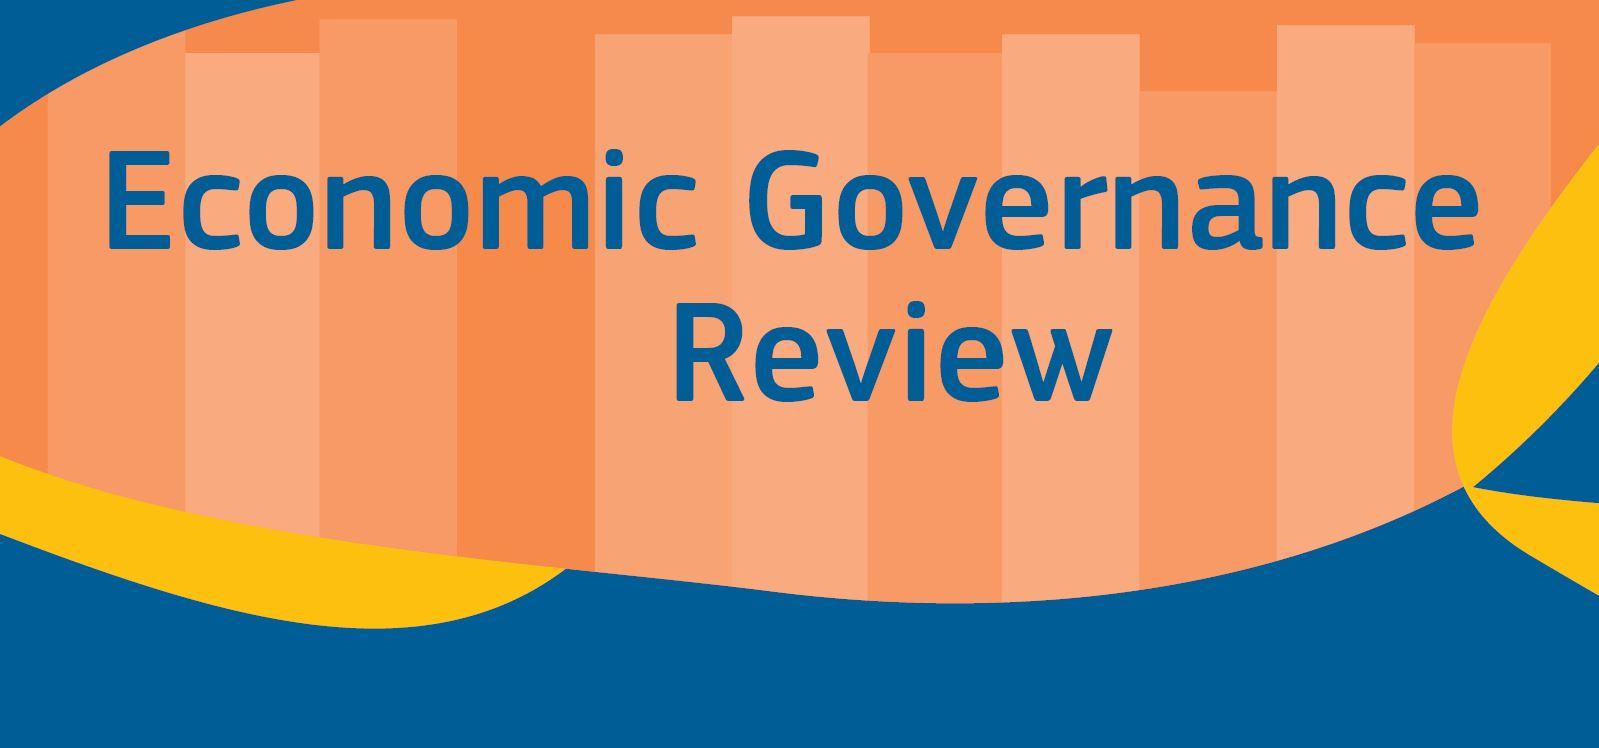 Economic governance review banner © European Union, 2020